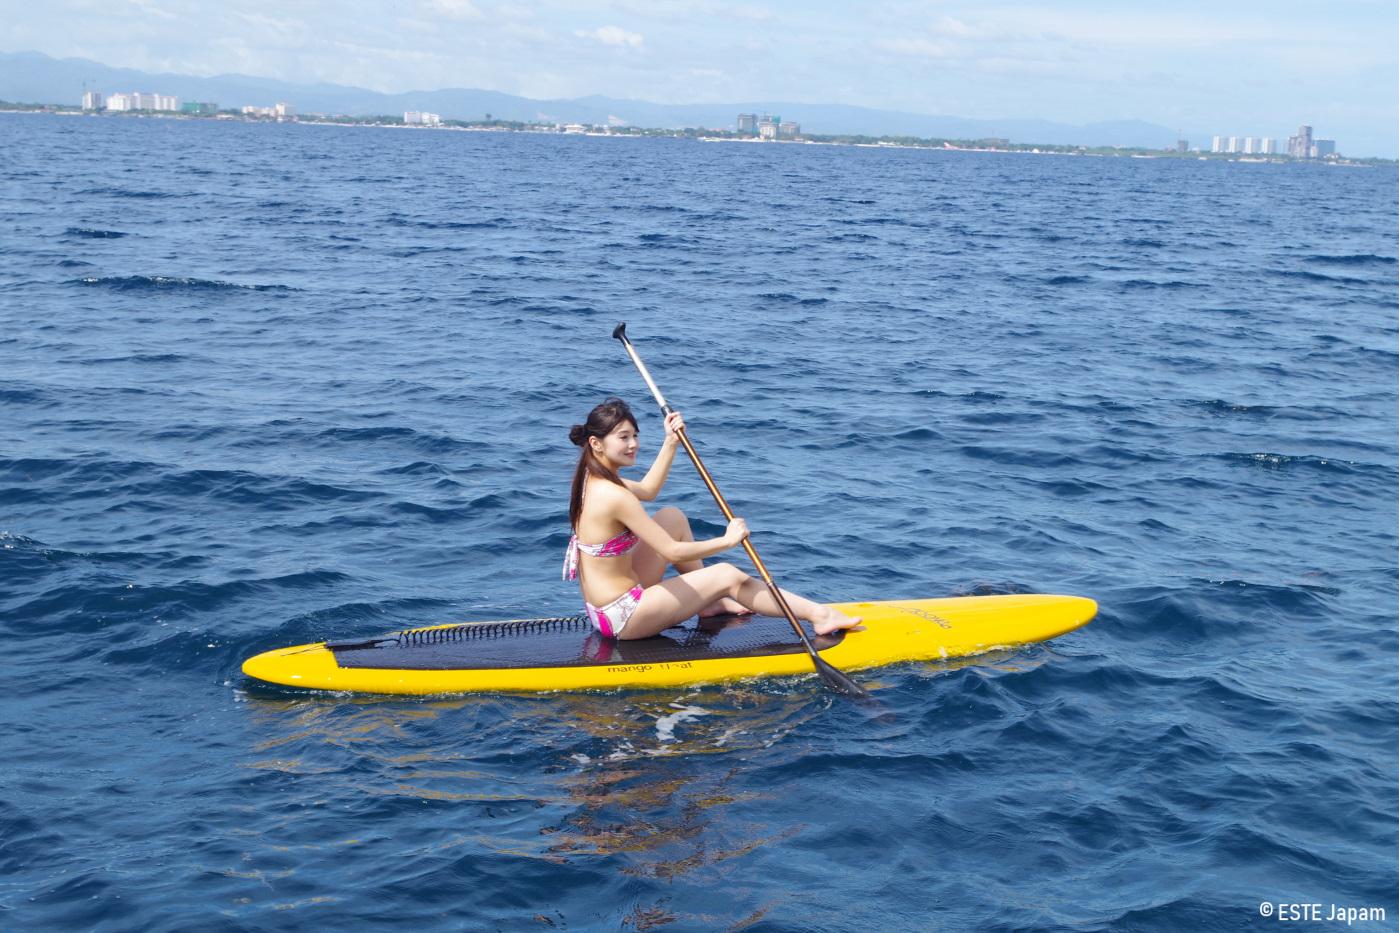 貸切ボートでSUPを楽しむ女性